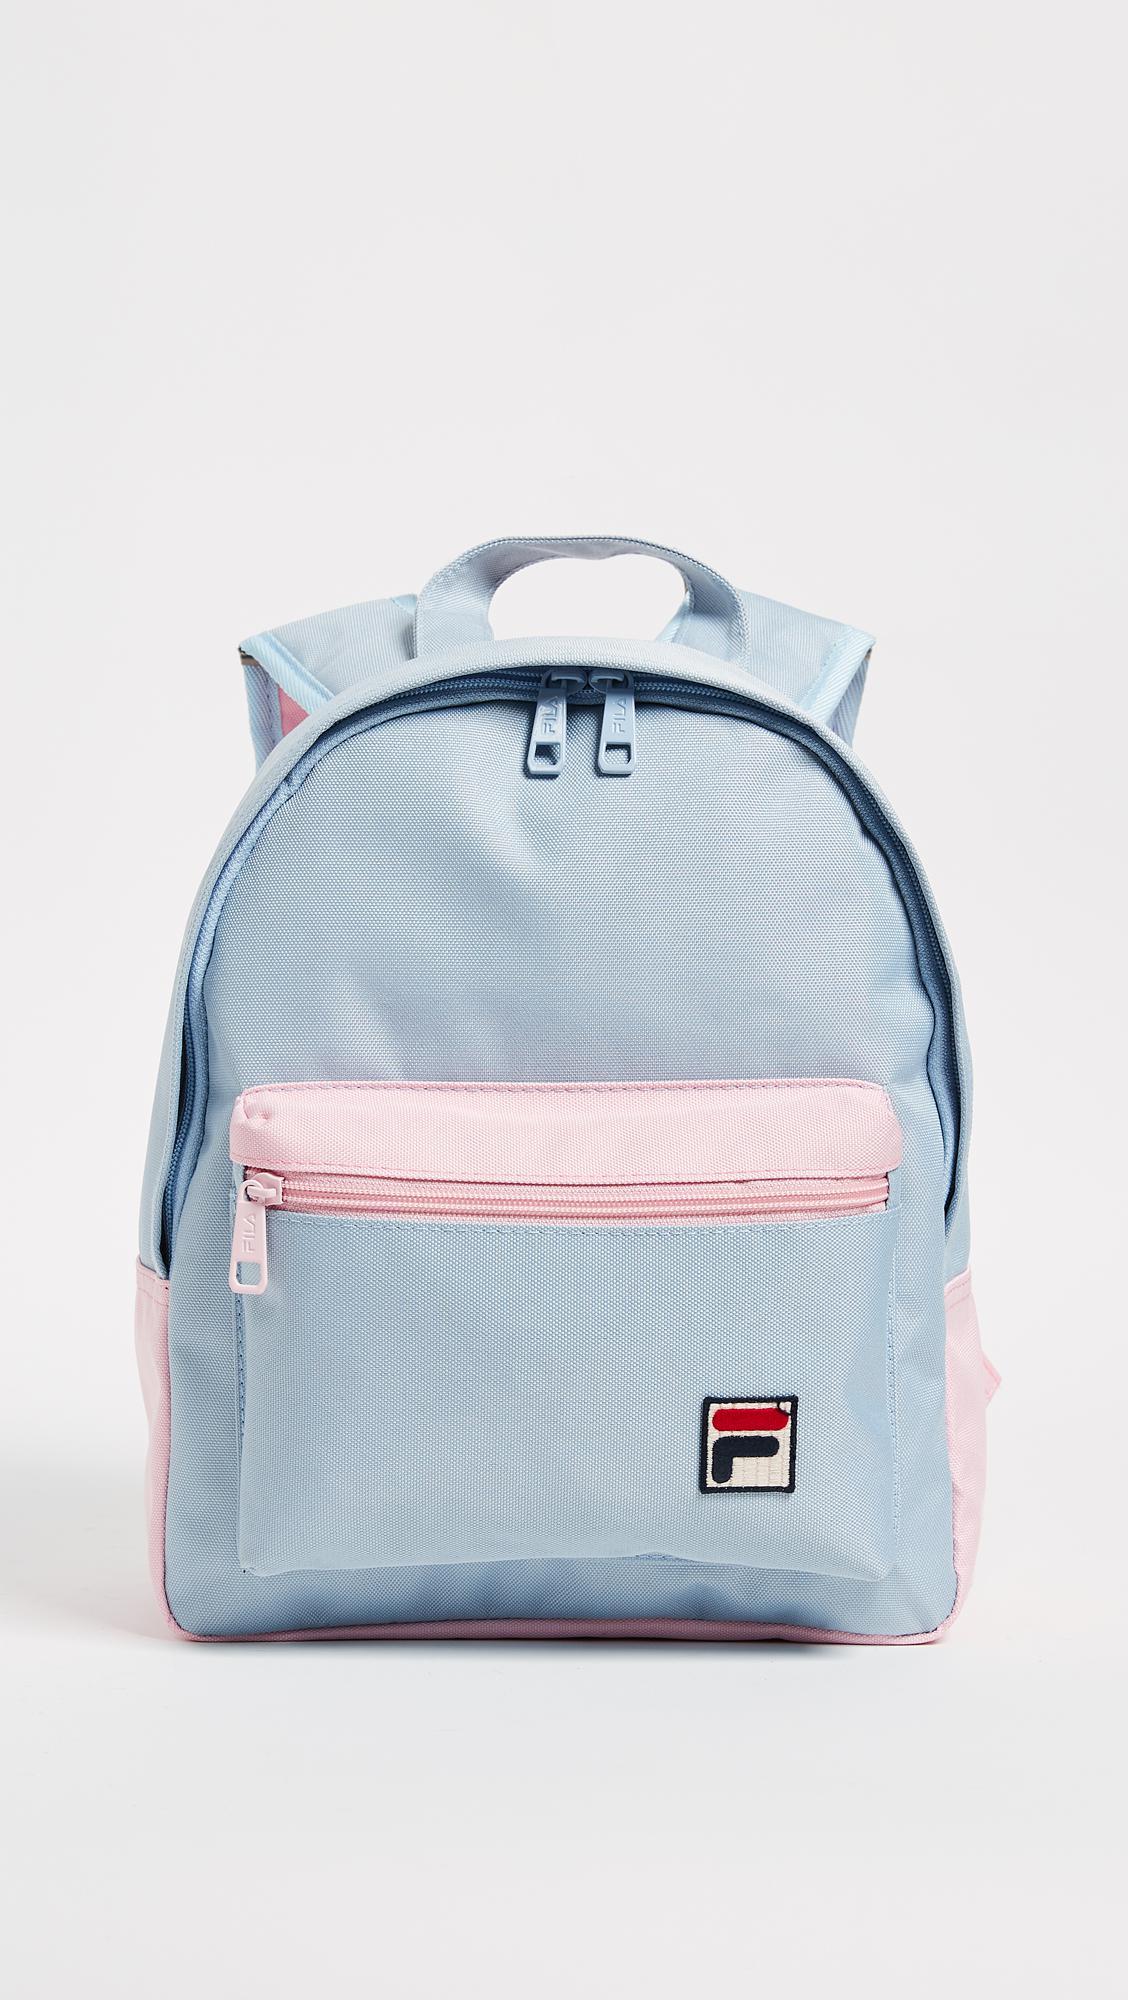 2bed00de18 Lyst - Fila Mini Backpack in Blue